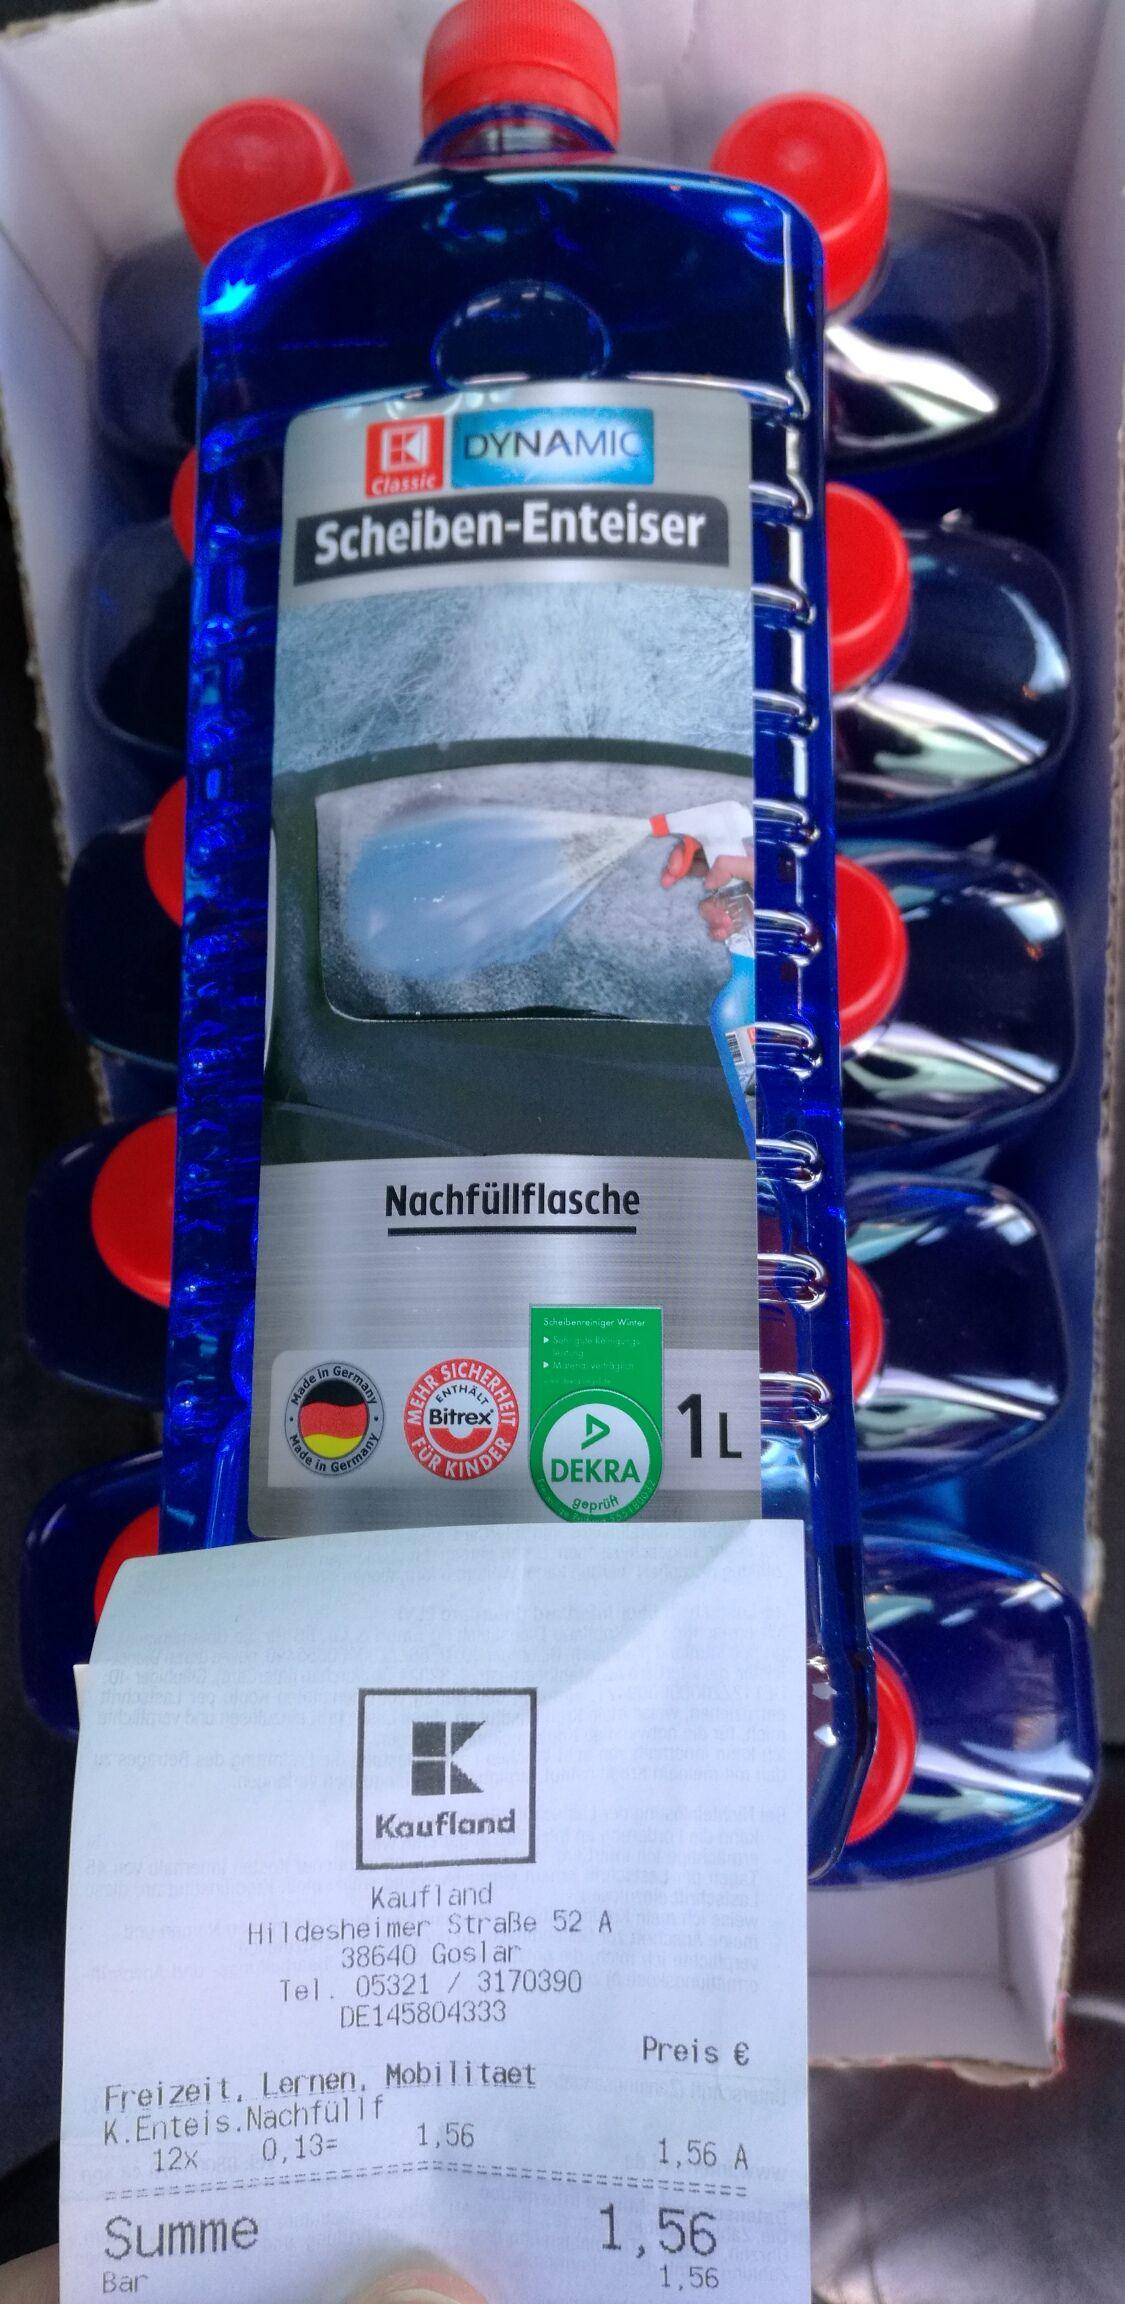 [Kaufland] K Dynamic Scheiben-Enteiser 1L Nachfüllflasche für 13 Cent